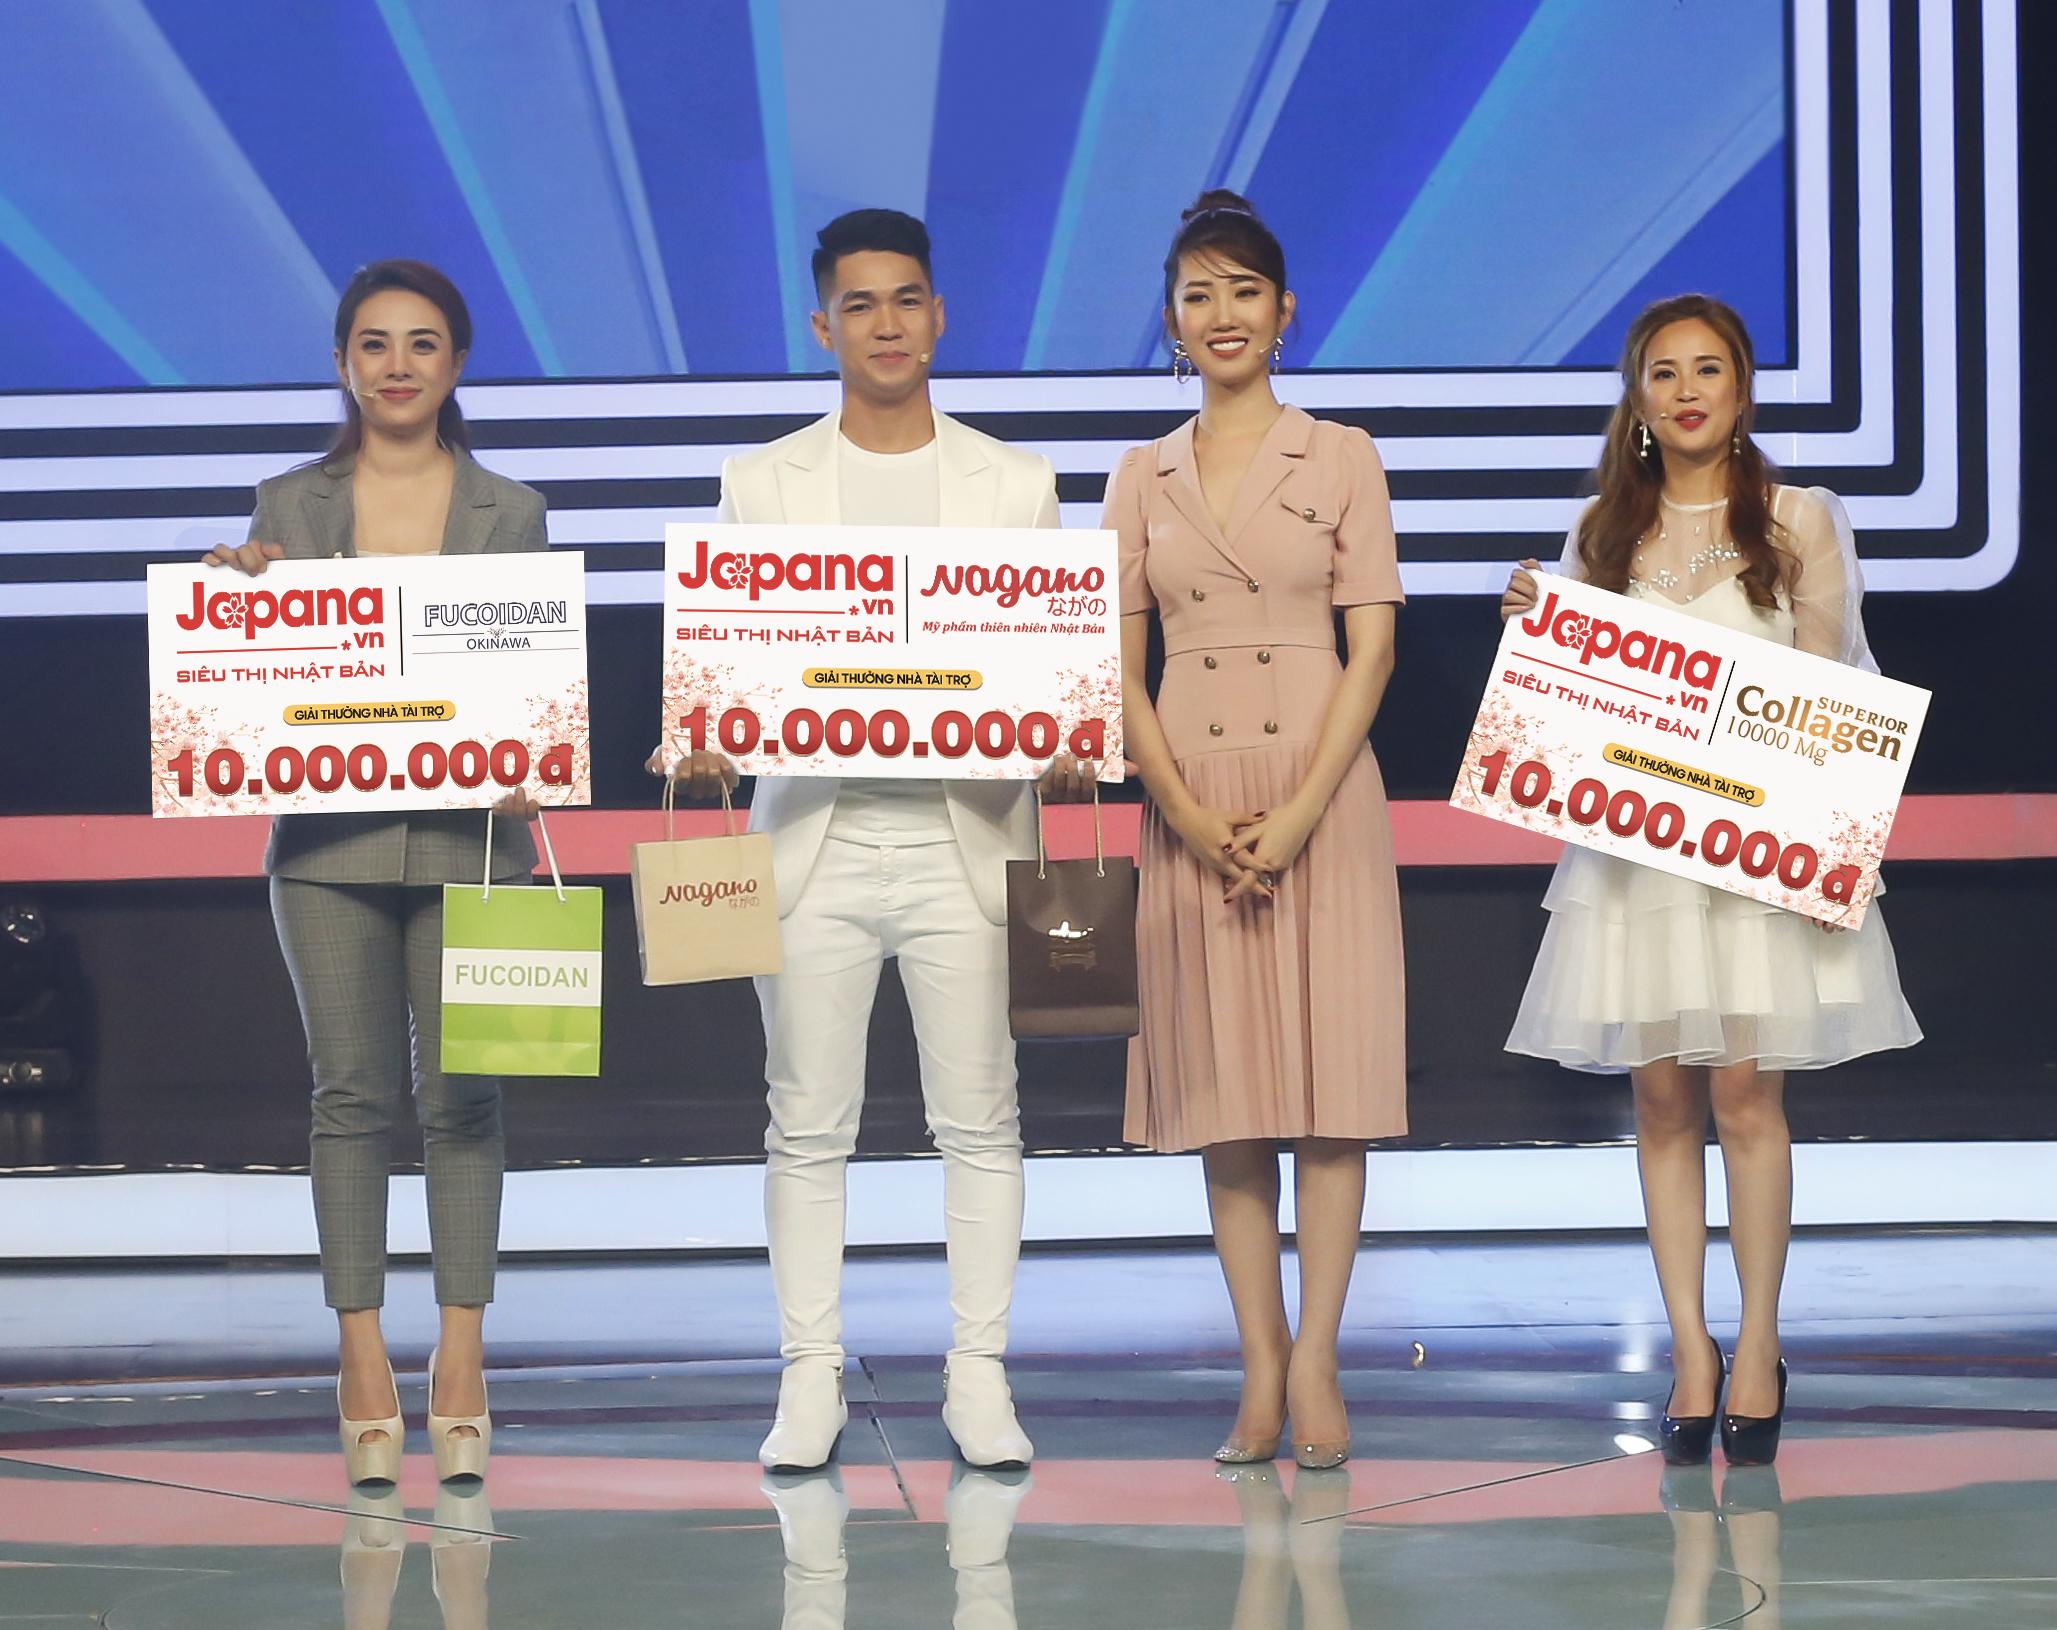 Ca sĩ Miko Lan Trinh và 2 diễn viên Thùy Ngân, Phương Hằng đều là khách hàng thân thiết của Siêu Thị Nhật Bản Japana